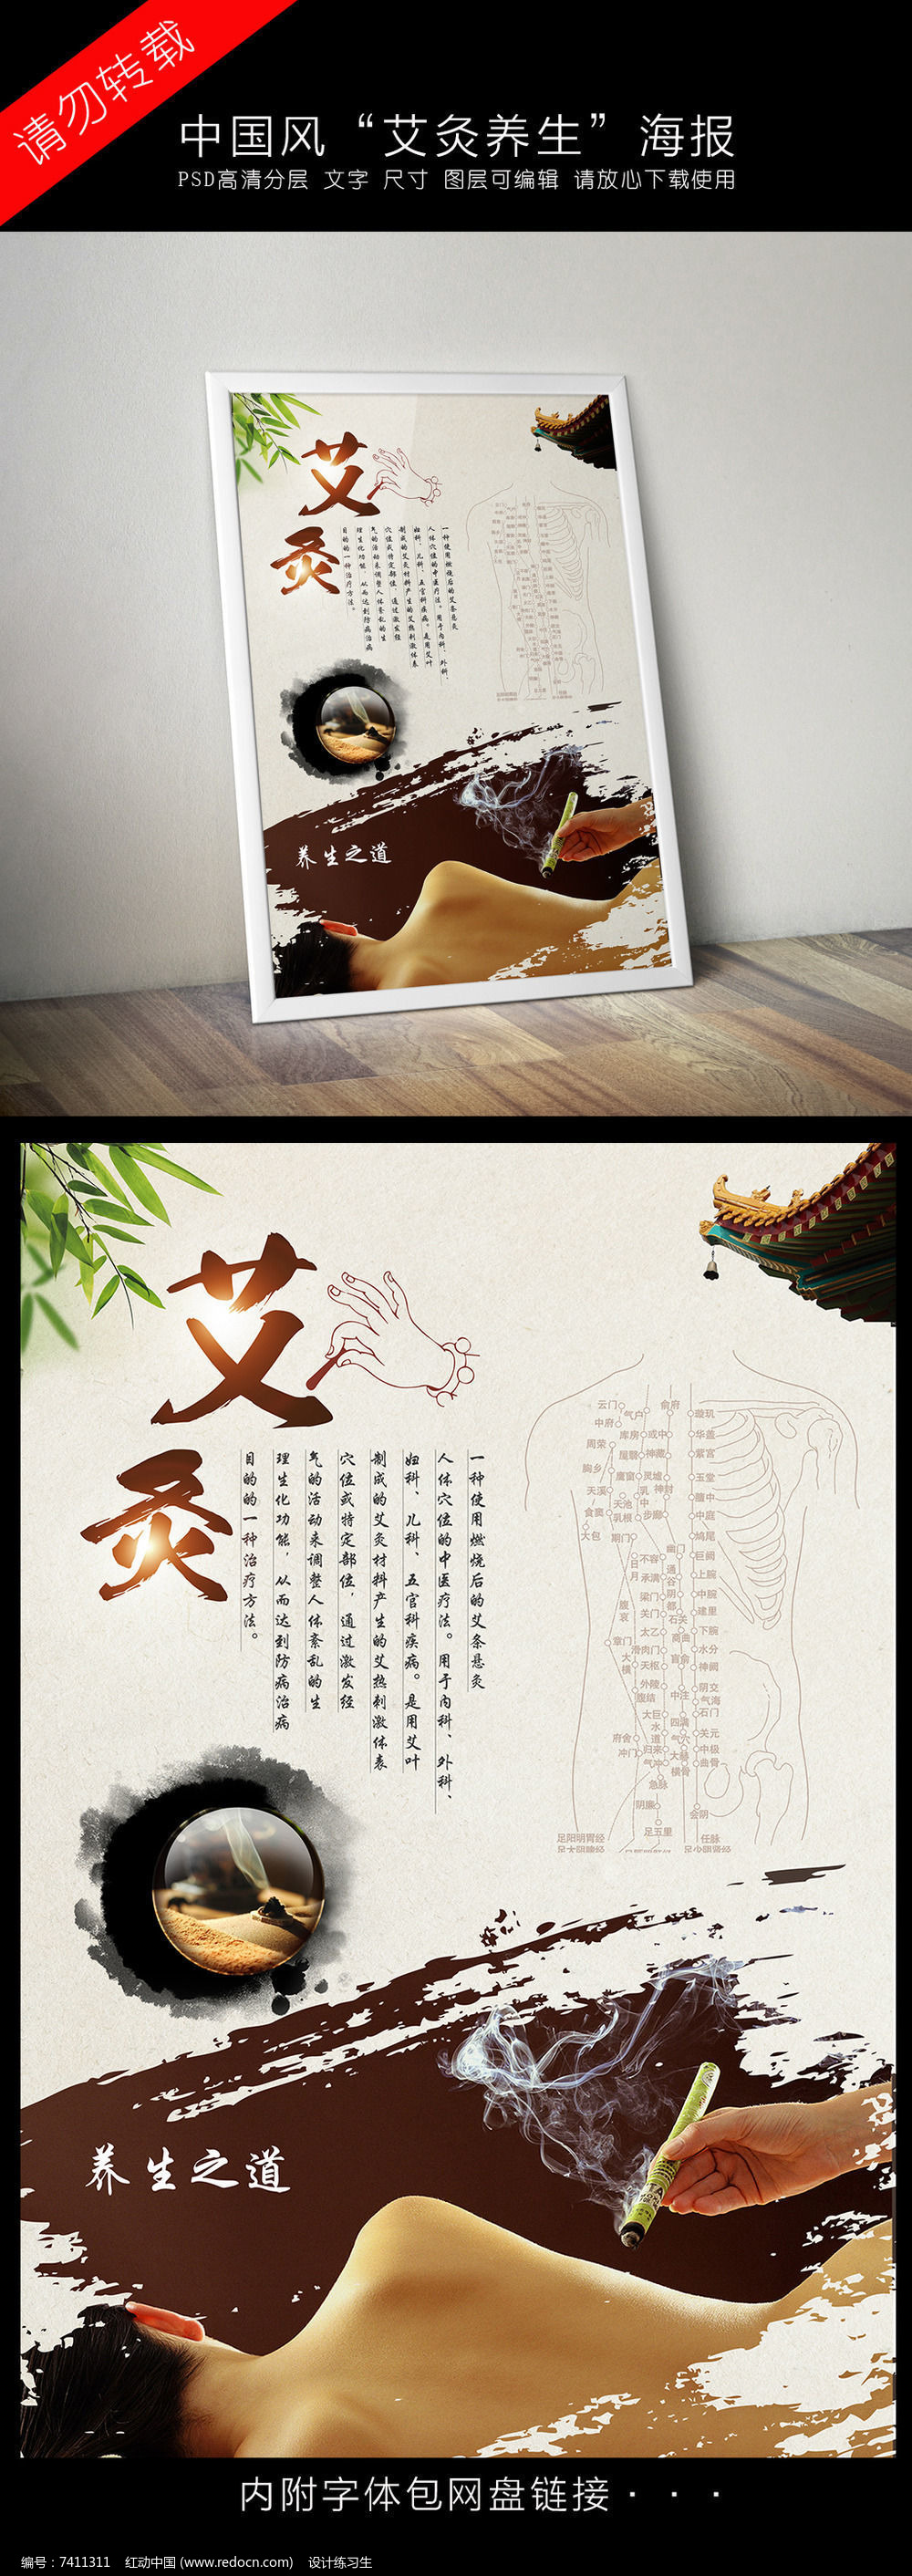 原创设计稿 海报设计/宣传单/广告牌 海报设计 艾灸中医养生海报展板